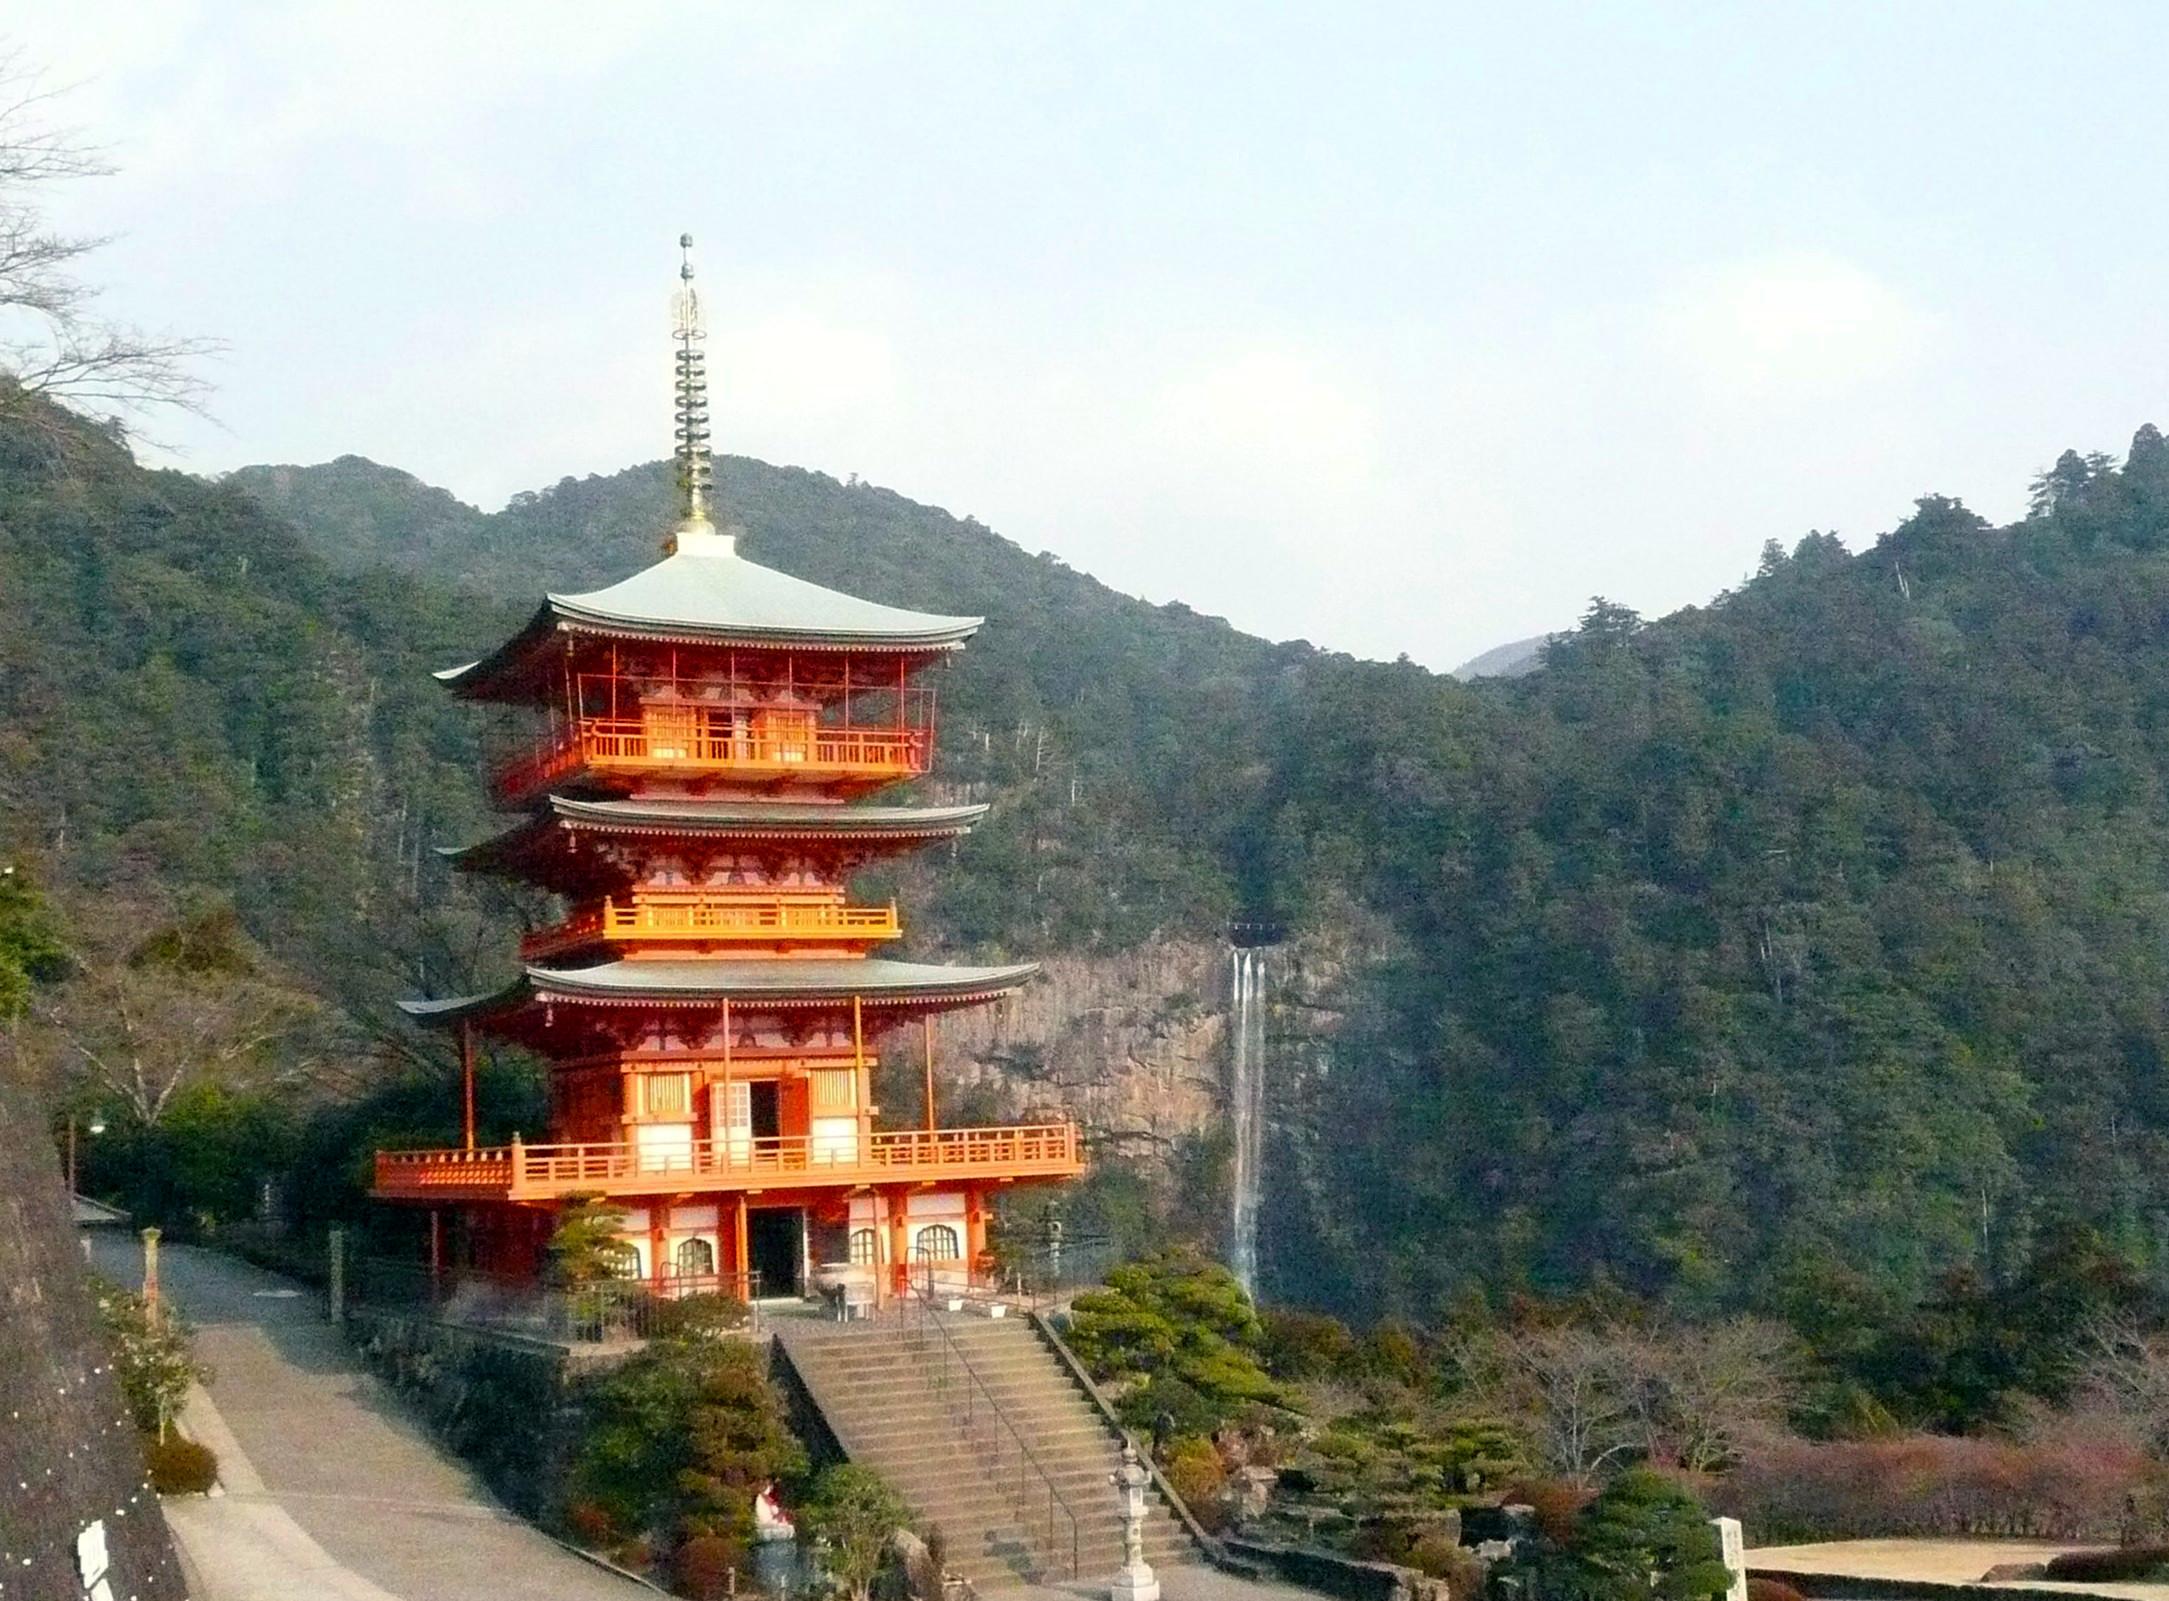 熊野那智大社と那智の滝 熊野古道をお写ん歩と言うか登山☆